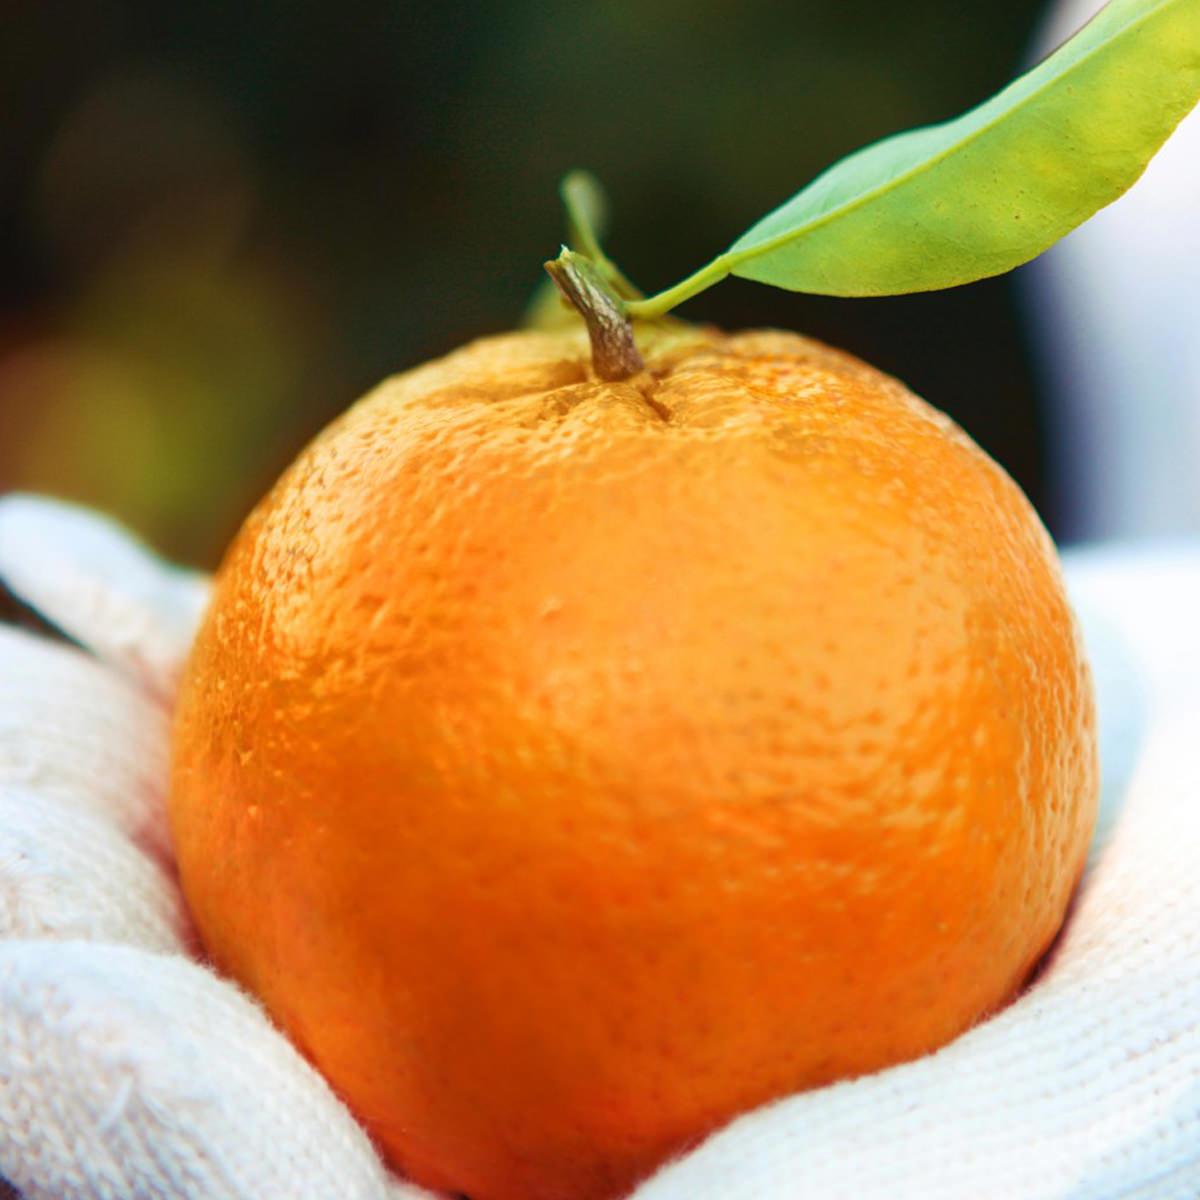 フクチャンFARM 高知県産 おひさまオレンジ 甘いみかん 爽やか ぽんかん〔10kg〕